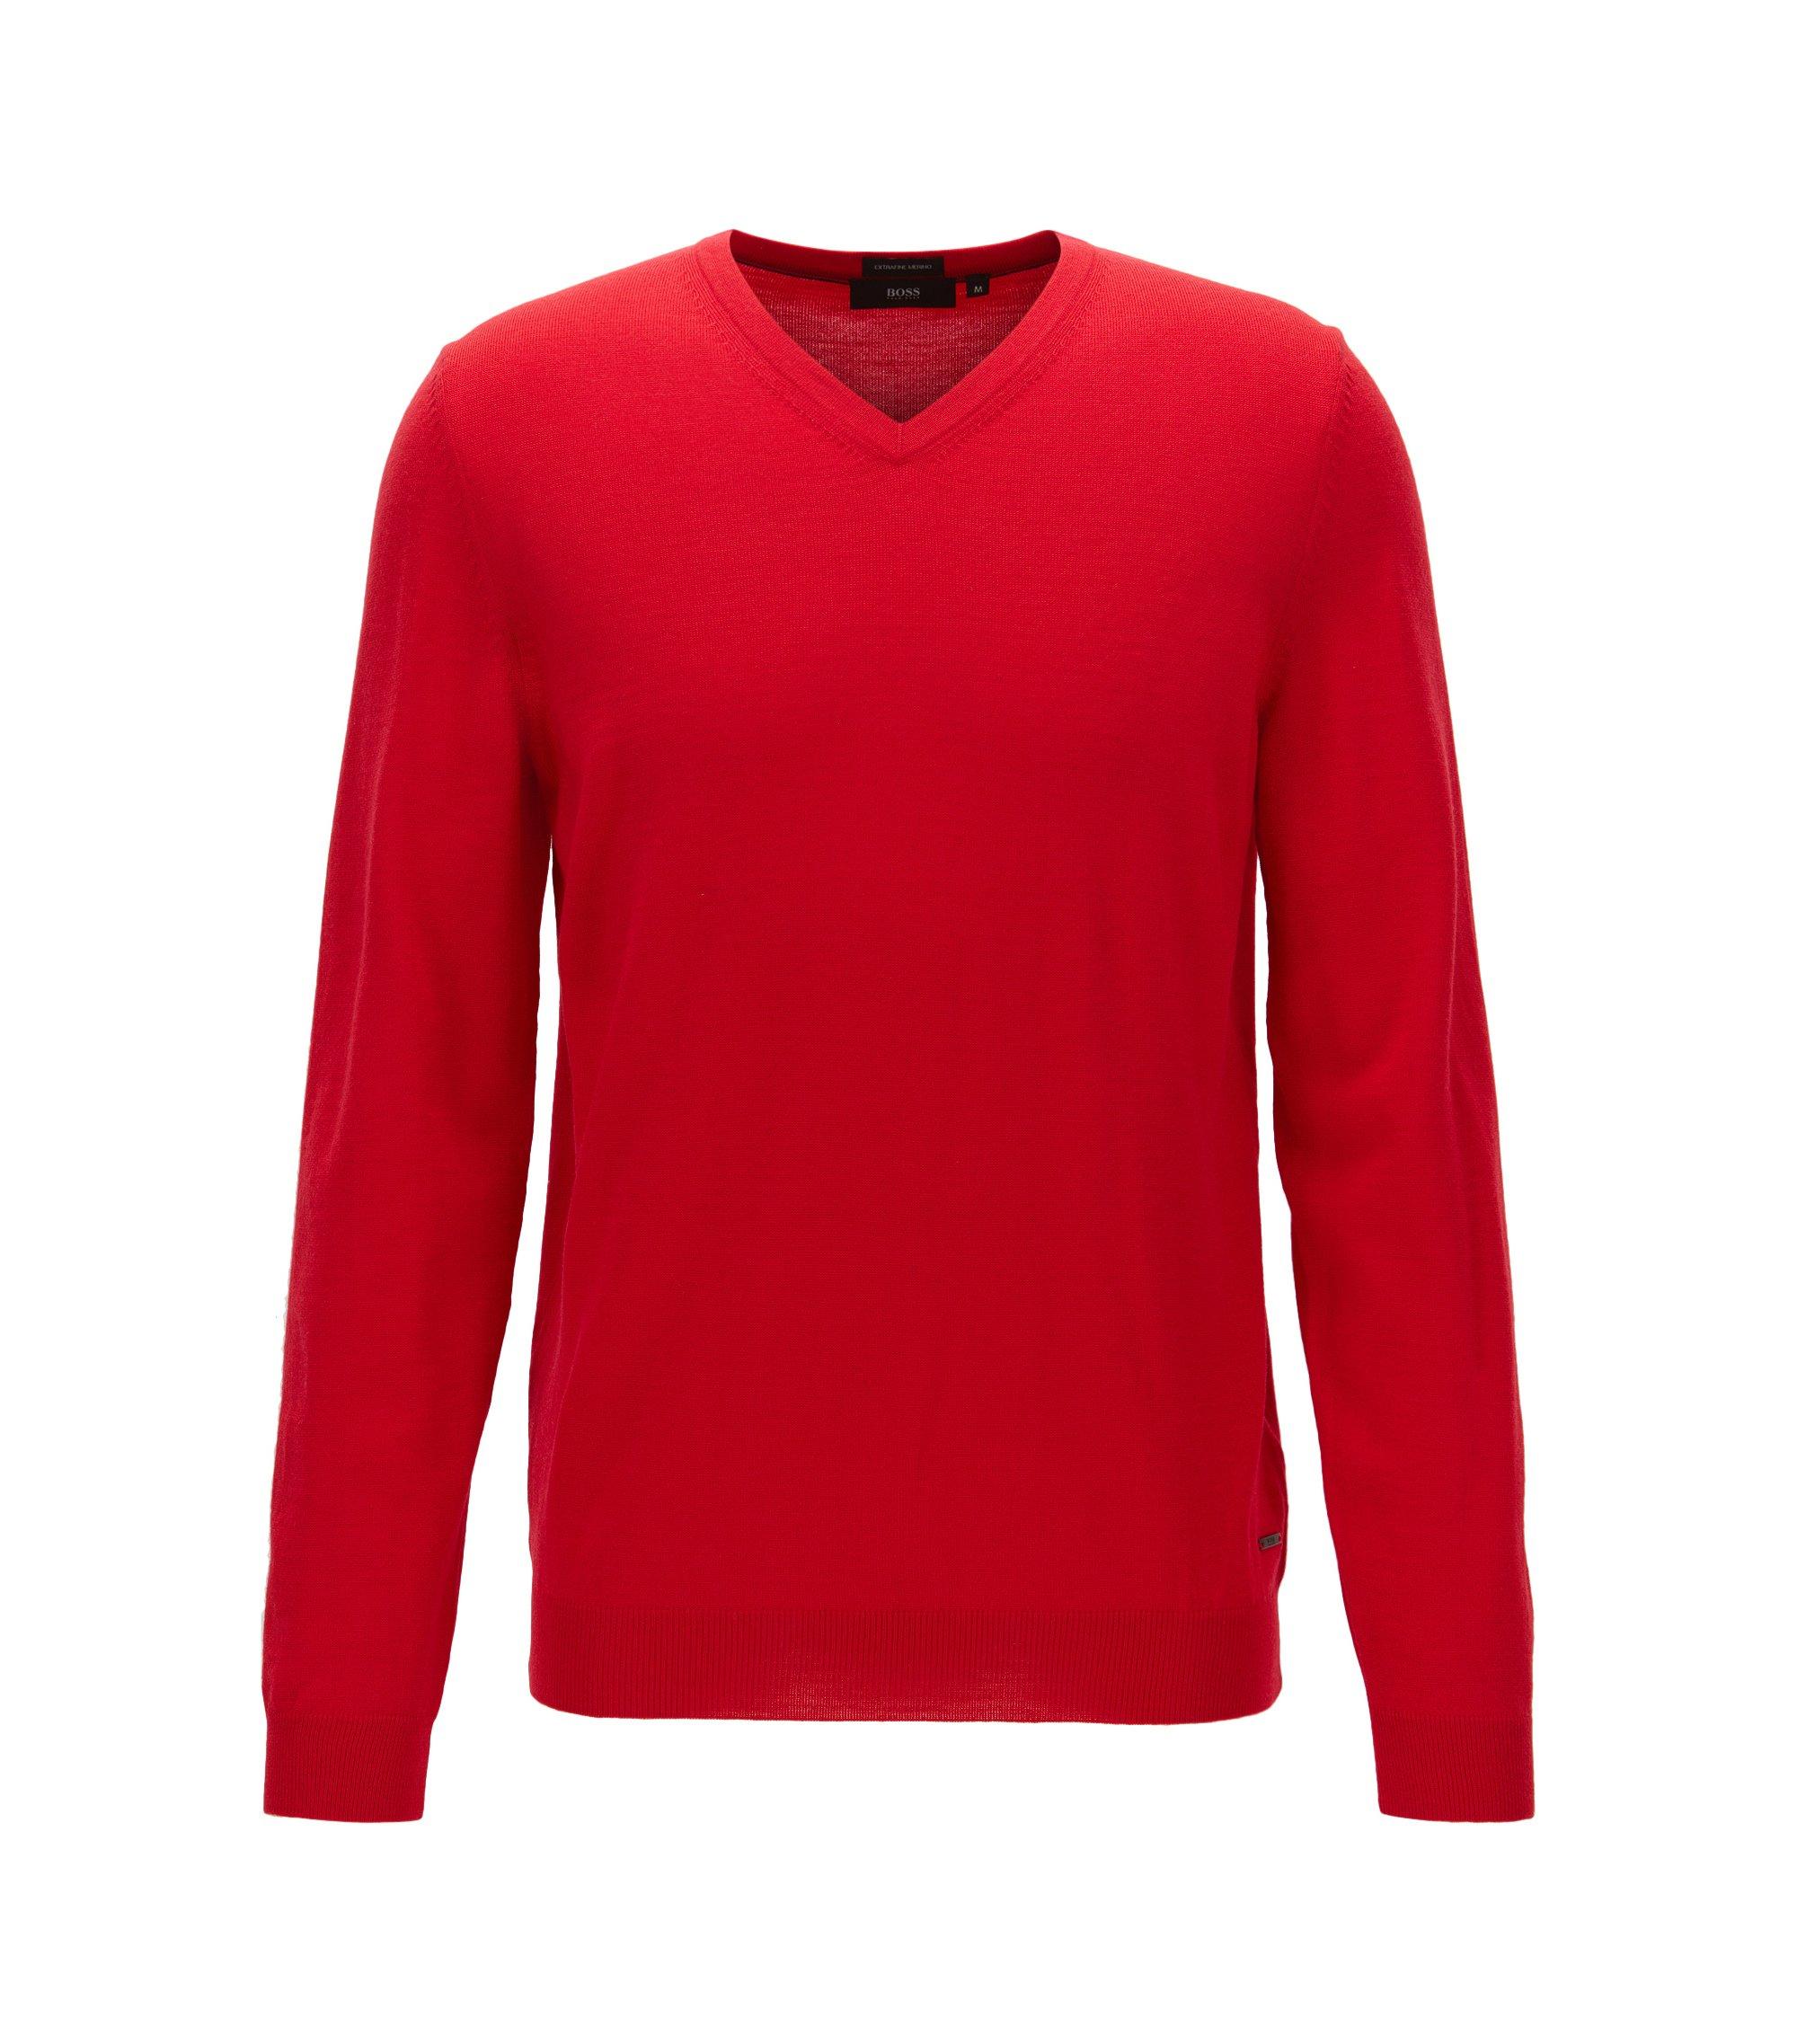 Pullover aus Merinowolle mit V-Ausschnitt, Rot